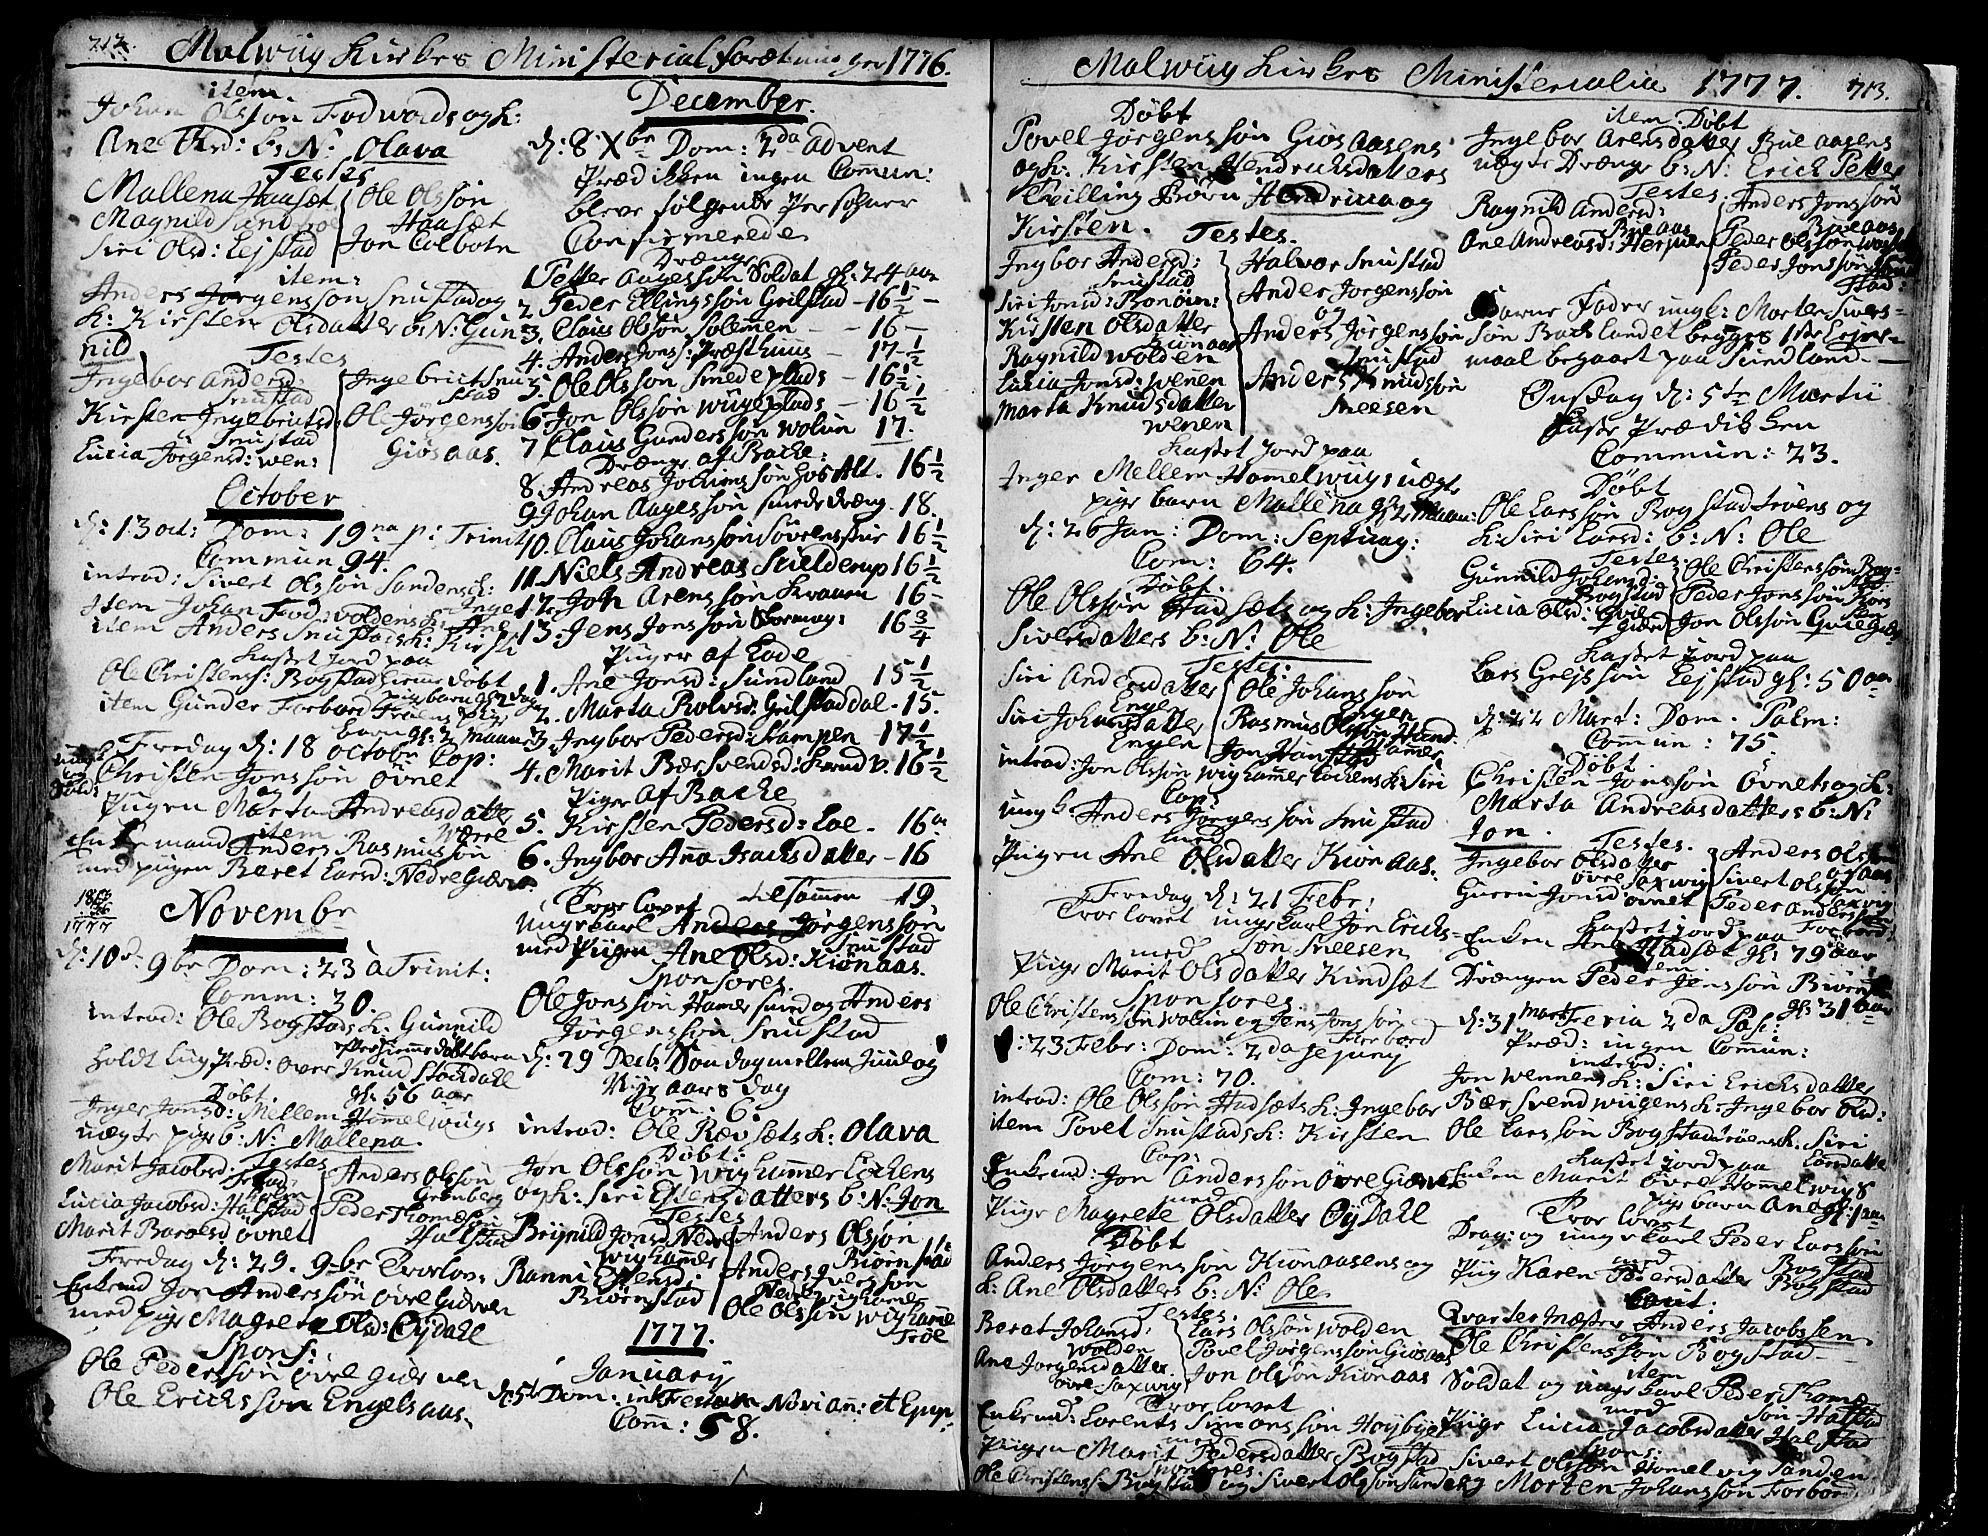 SAT, Ministerialprotokoller, klokkerbøker og fødselsregistre - Sør-Trøndelag, 606/L0277: Ministerialbok nr. 606A01 /3, 1727-1780, s. 712-713